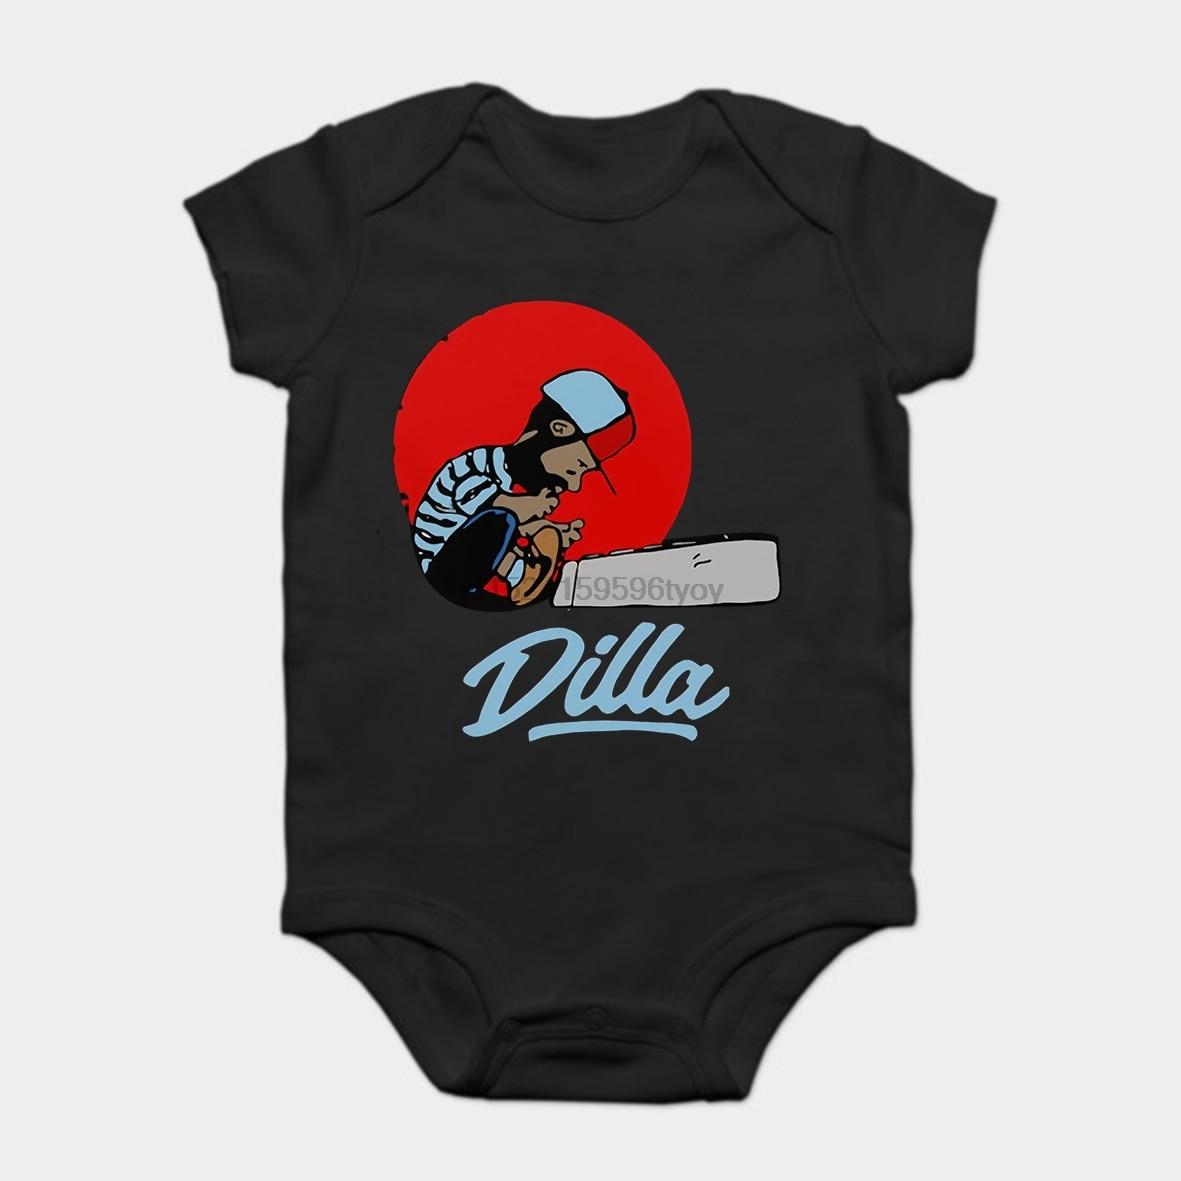 Mono de bebé Bodysuits chico Camiseta de algodón de manga corta J Dilla